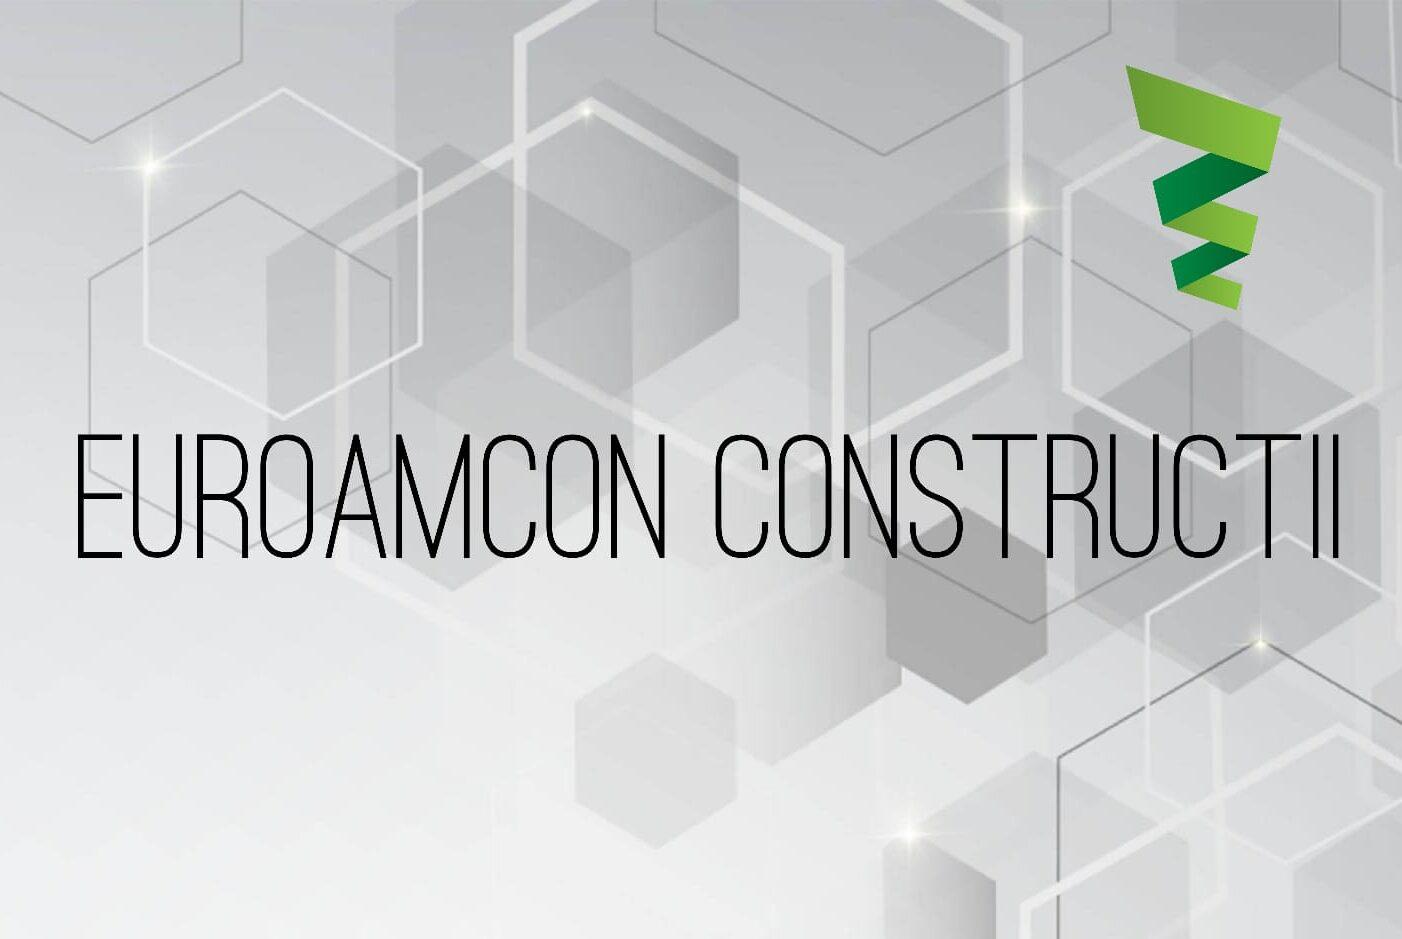 Euroamcon.ro